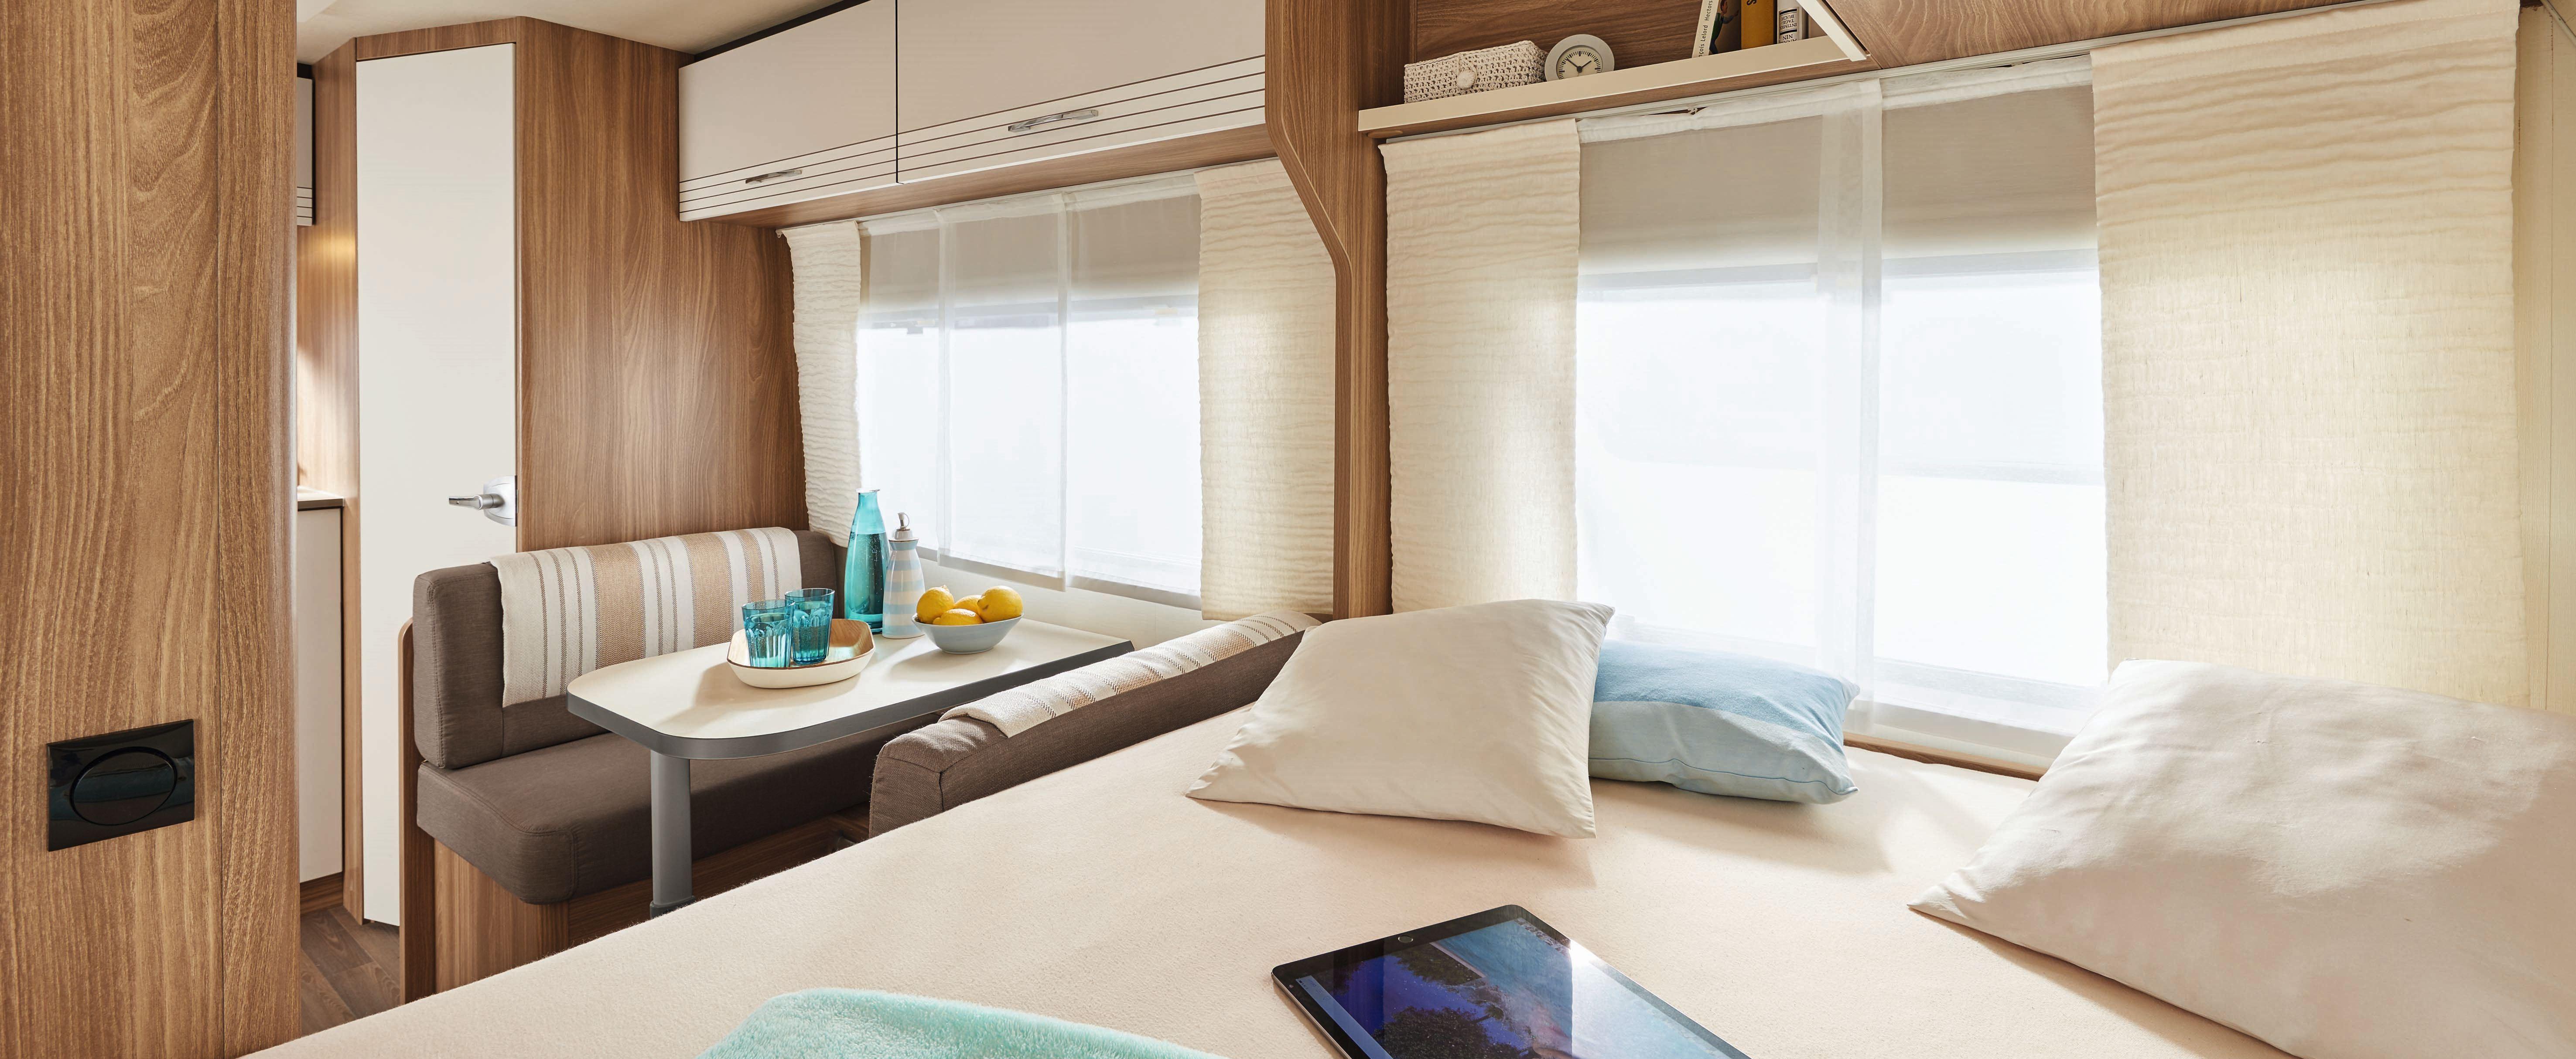 b rstner leichte wohnwagen f r kleine autos und noch. Black Bedroom Furniture Sets. Home Design Ideas